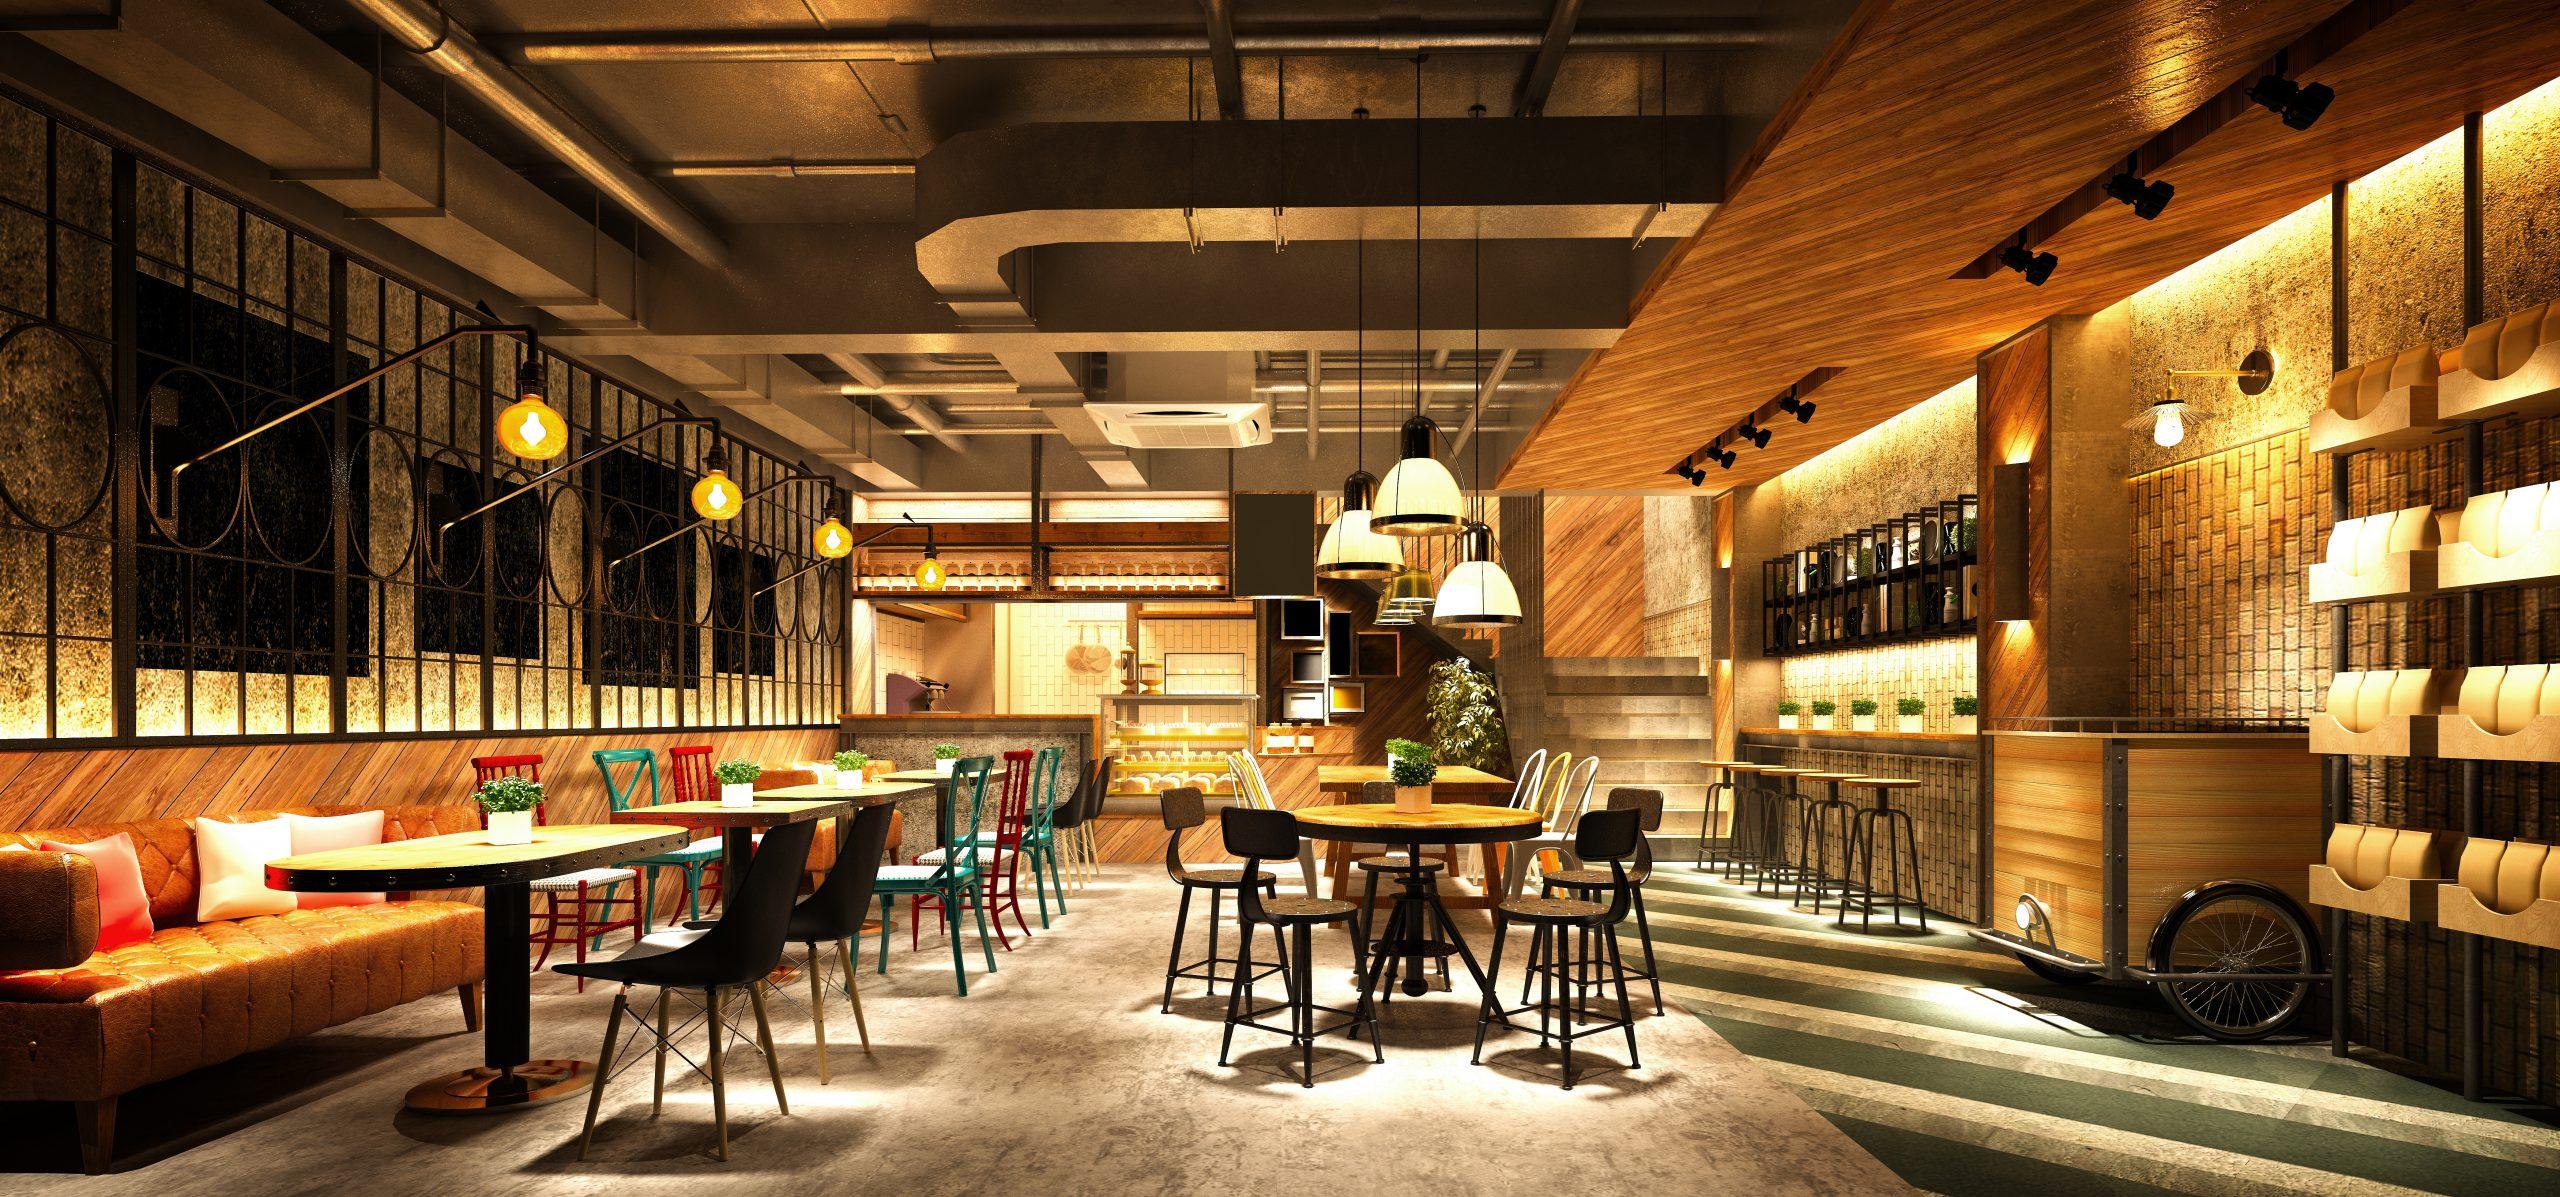 3d render cafe restaurant